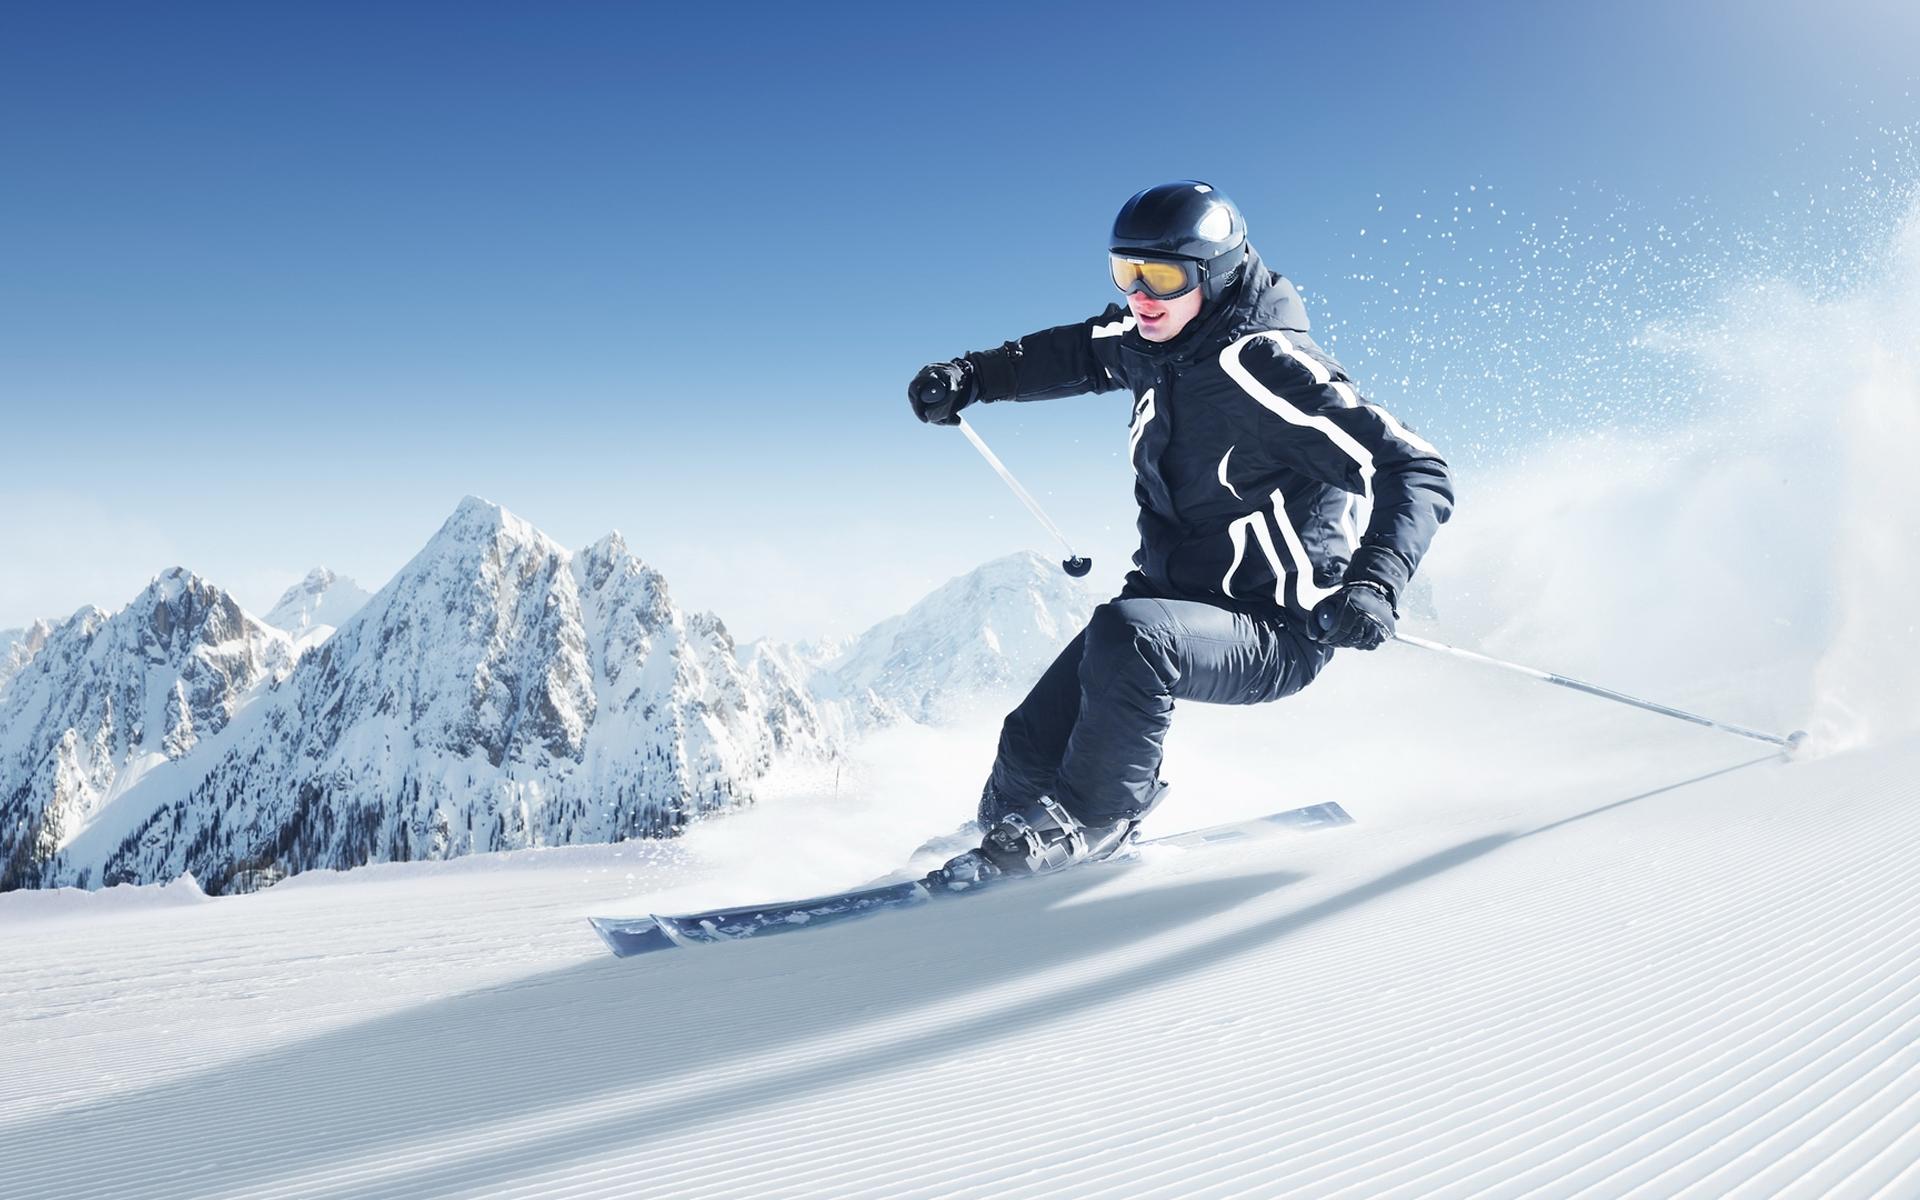 Skiing computer wallpapers desktop backgrounds - Ski wallpaper ...